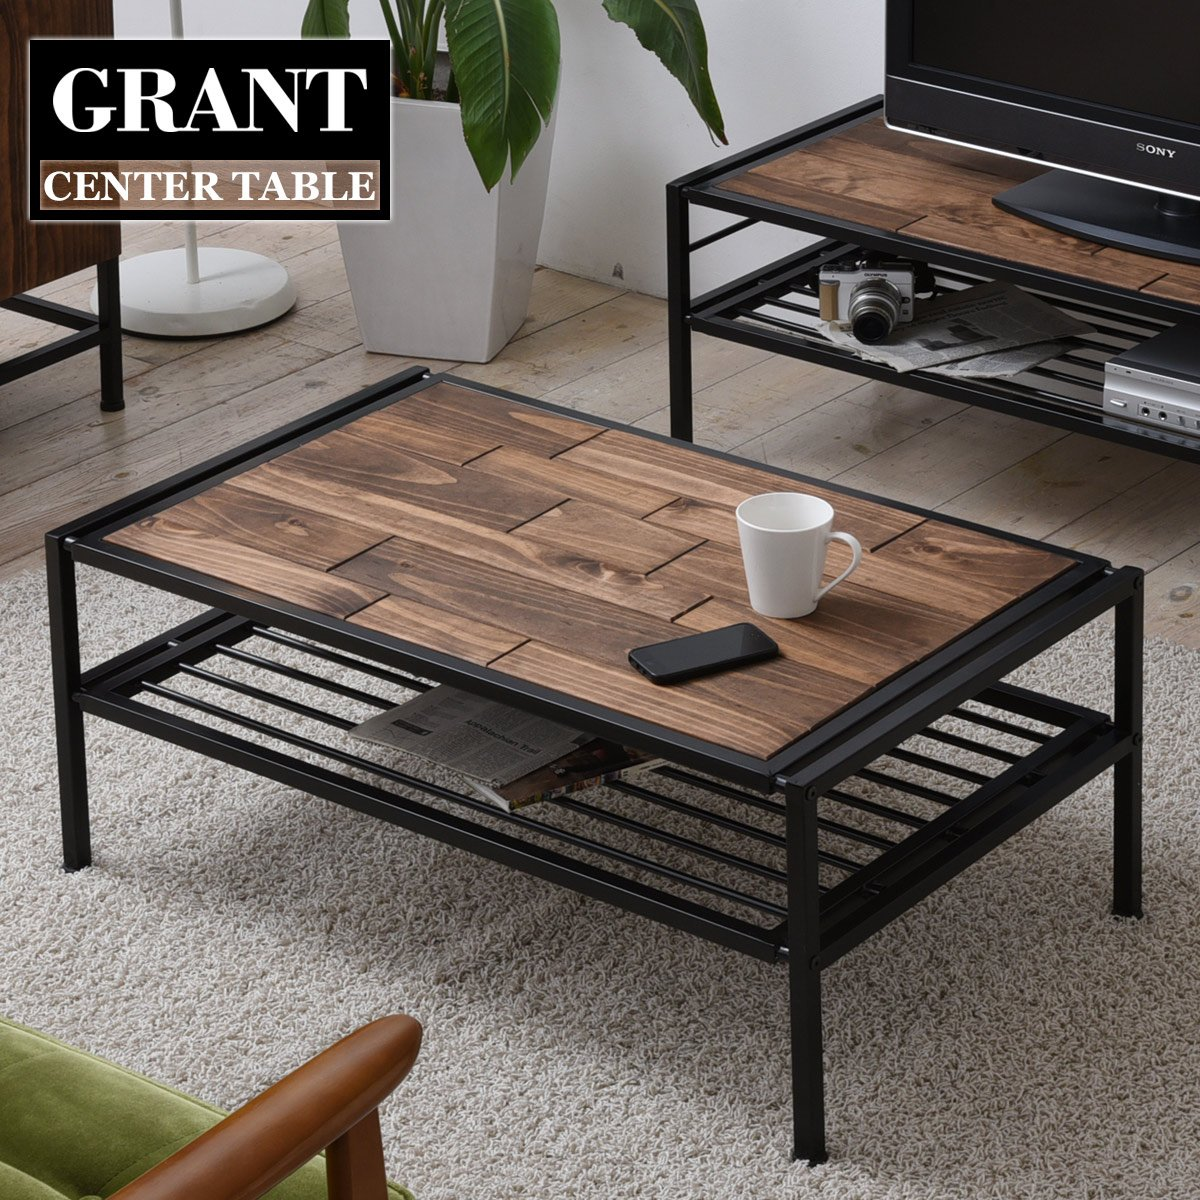 センターテーブル ローテーブル グラント GRANT GRCT-900 幅90cm 木製 テーブル アイアン リビングテーブル カフェテーブル 棚付き ヴィンテージ 北欧 ブルックリン 西海岸 無垢 ヴィンテージ おしゃれ レトロ アンティーク